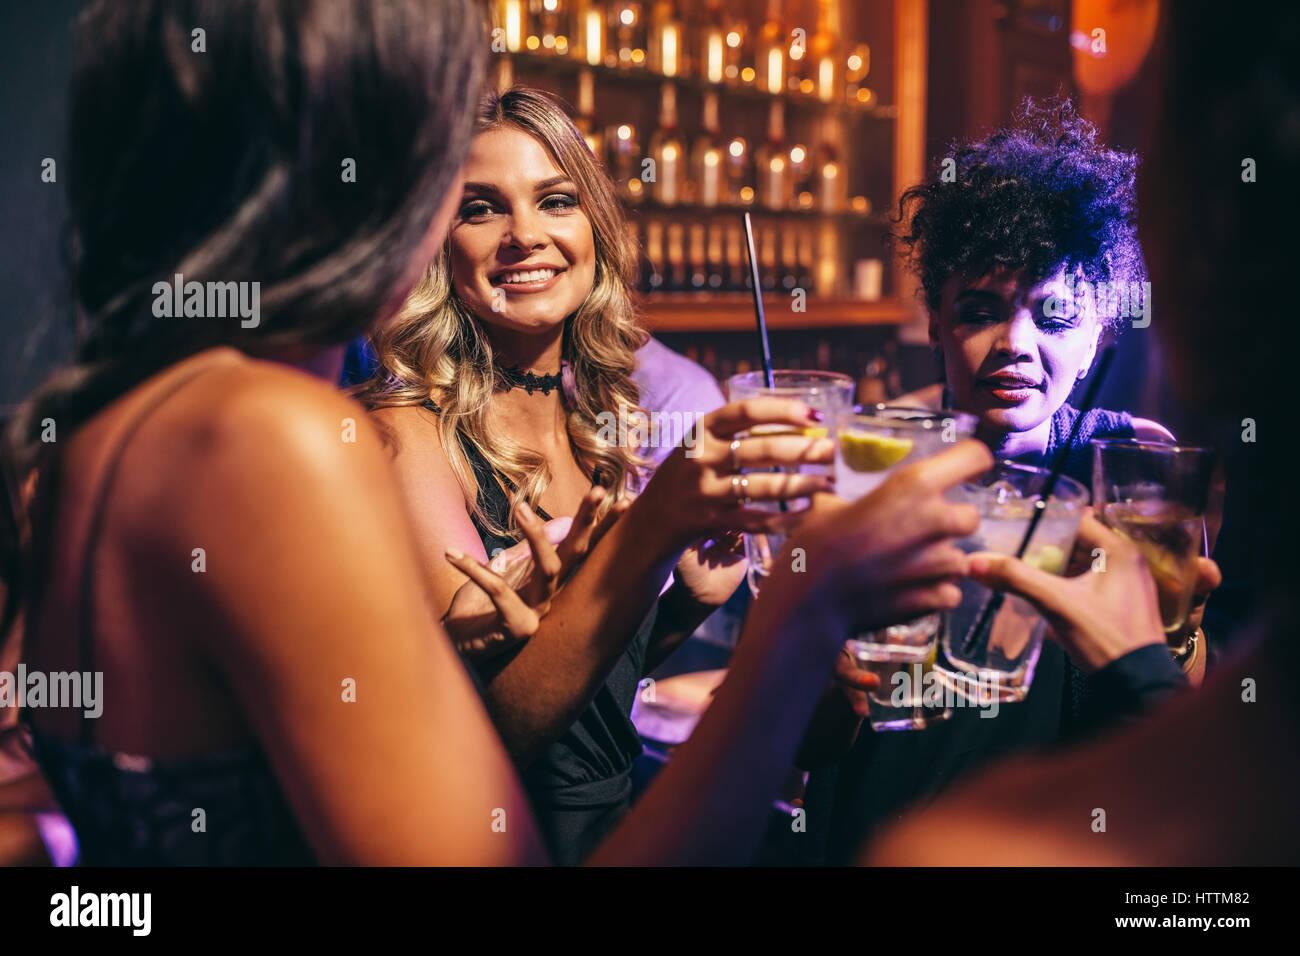 Groupe d'amis ayant des boissons à la discothèque. Les jeunes bénéficiant dans un bar. Photo Stock